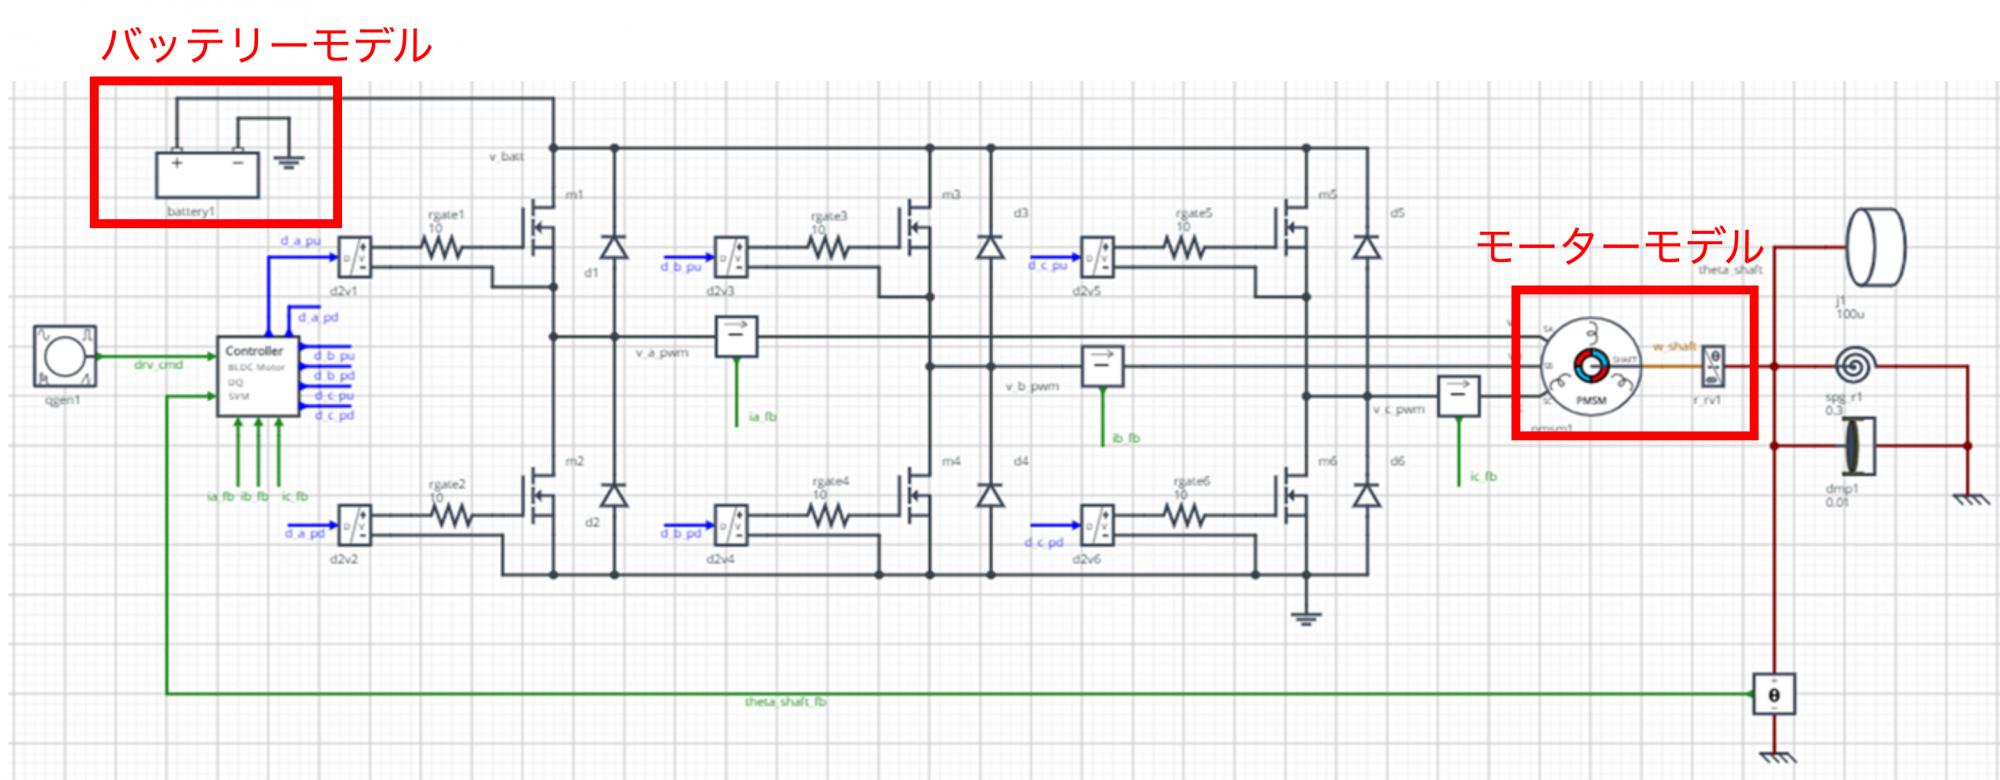 図2 システムレベル・シミュレーション例(三相BLDC制御システム)